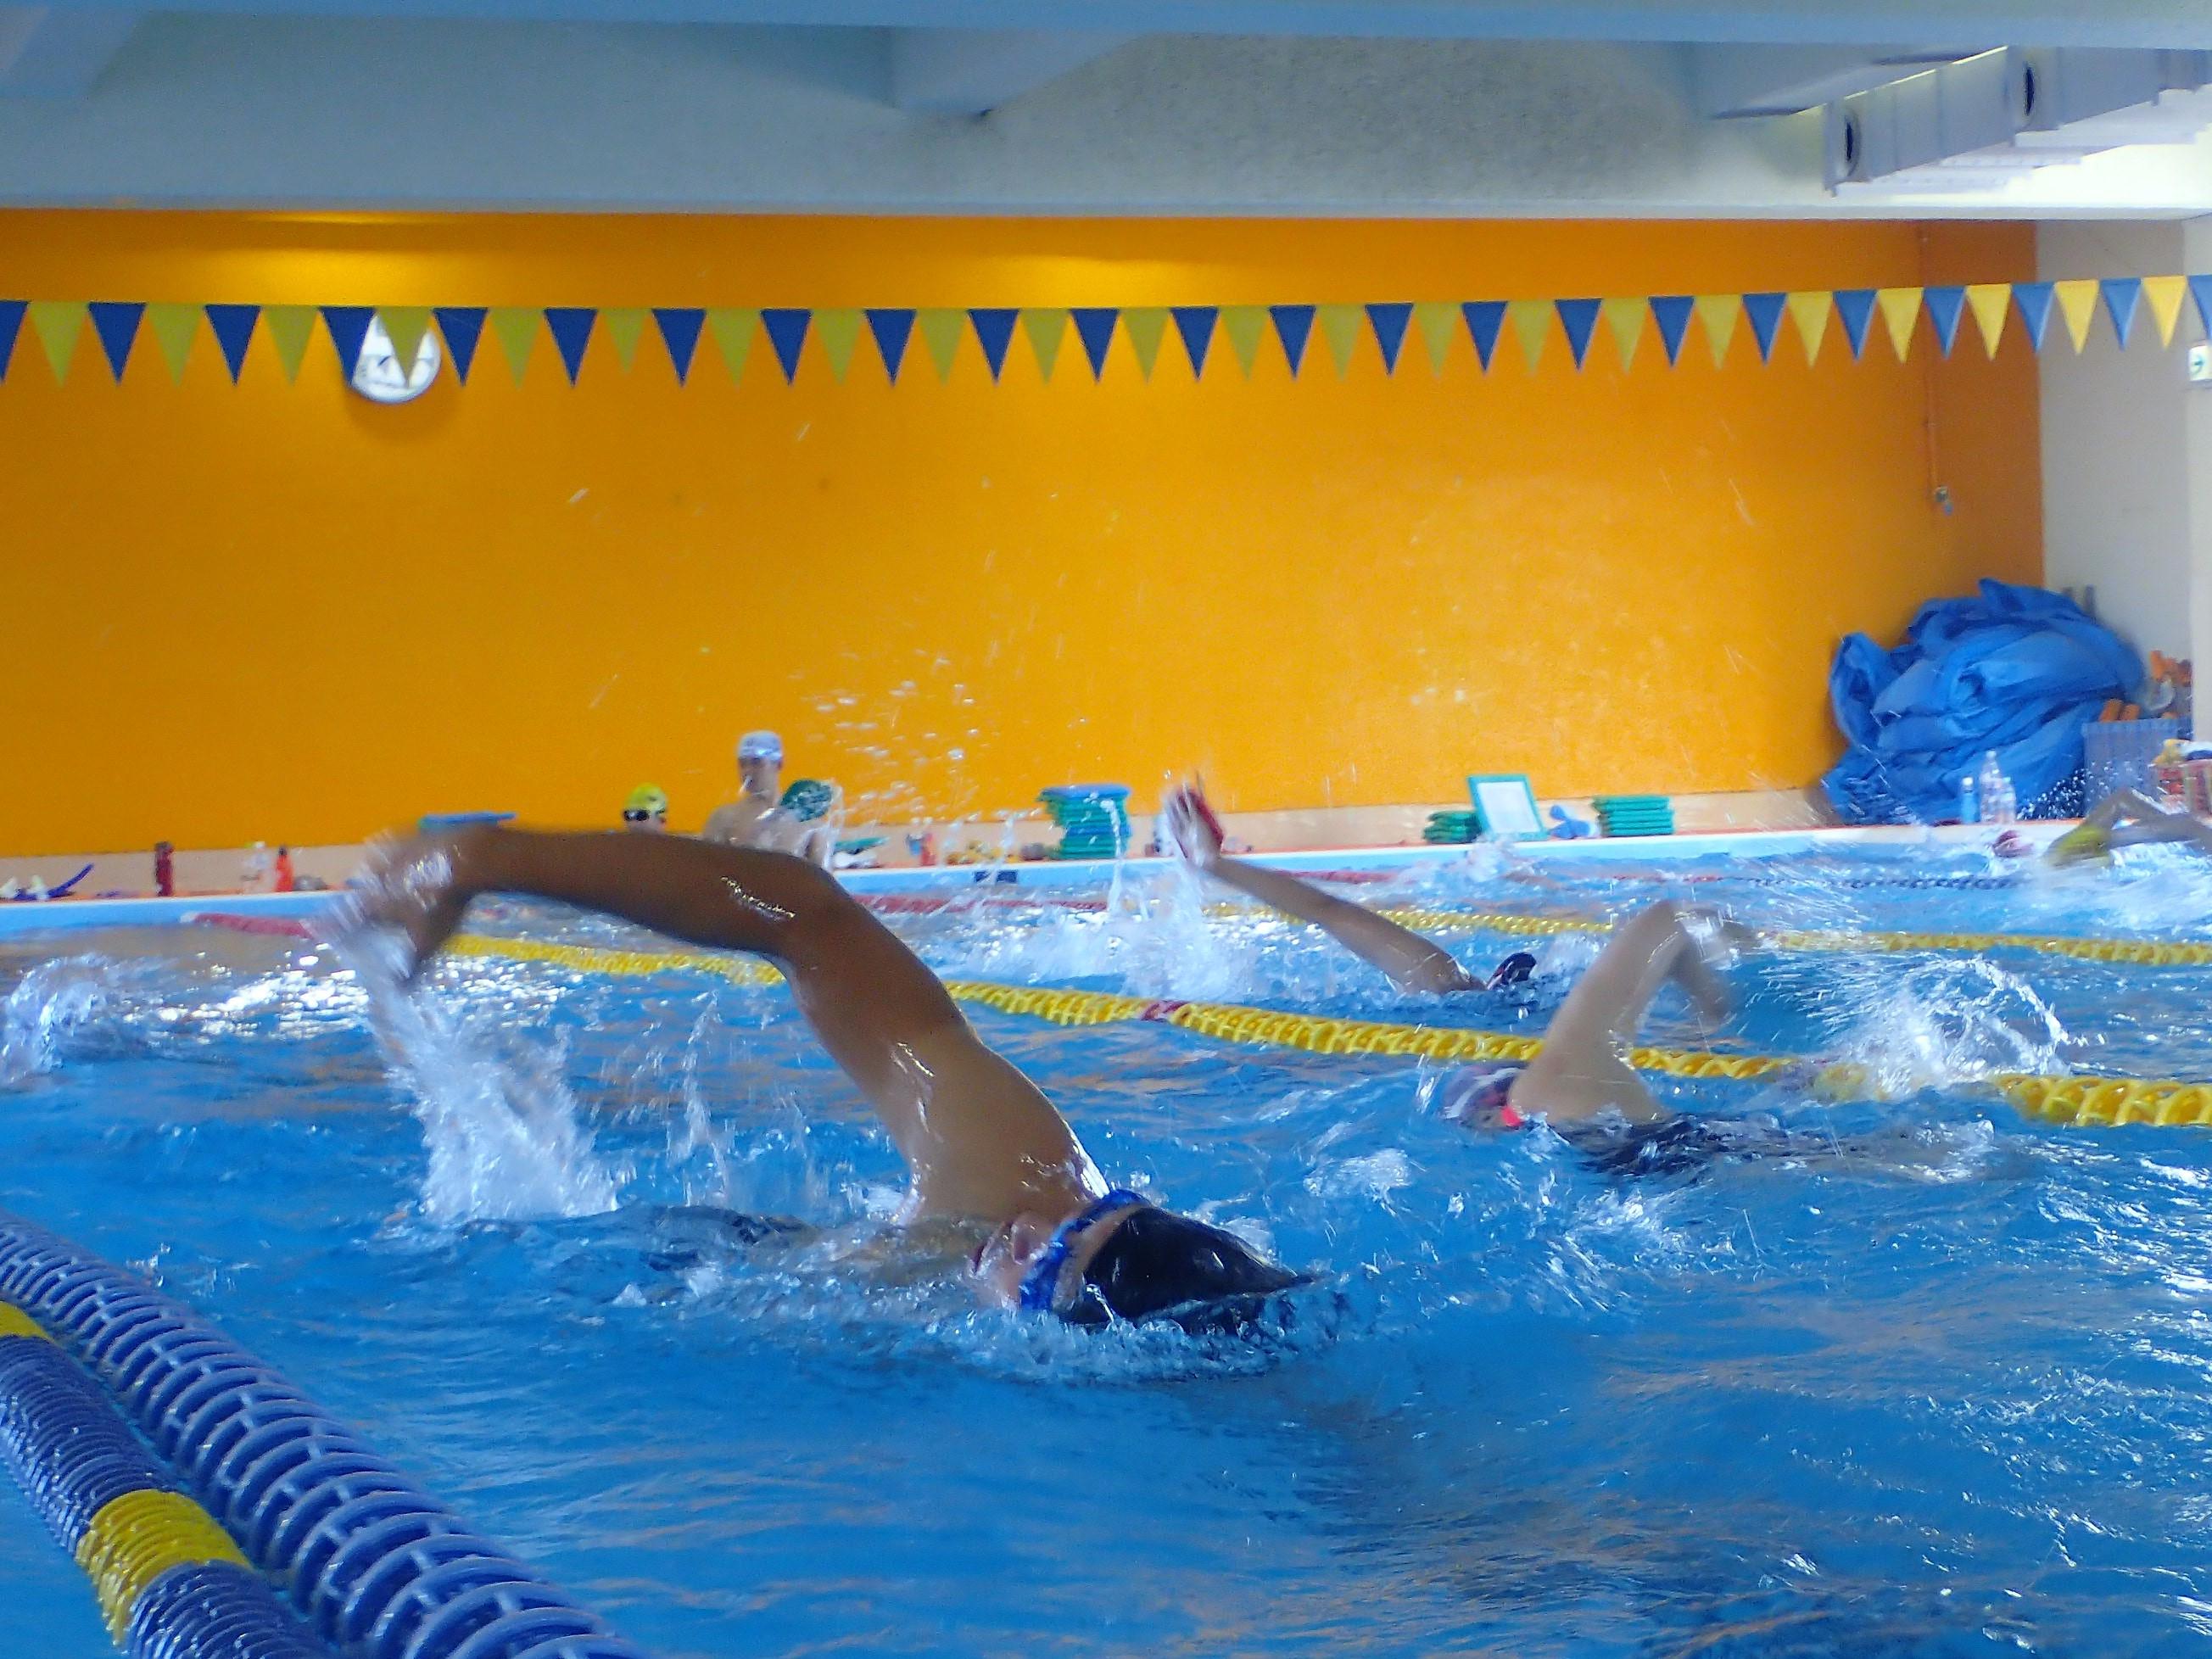 ワンランク上の泳ぎを定着させるには「意識」が重要! | オーシャン ...